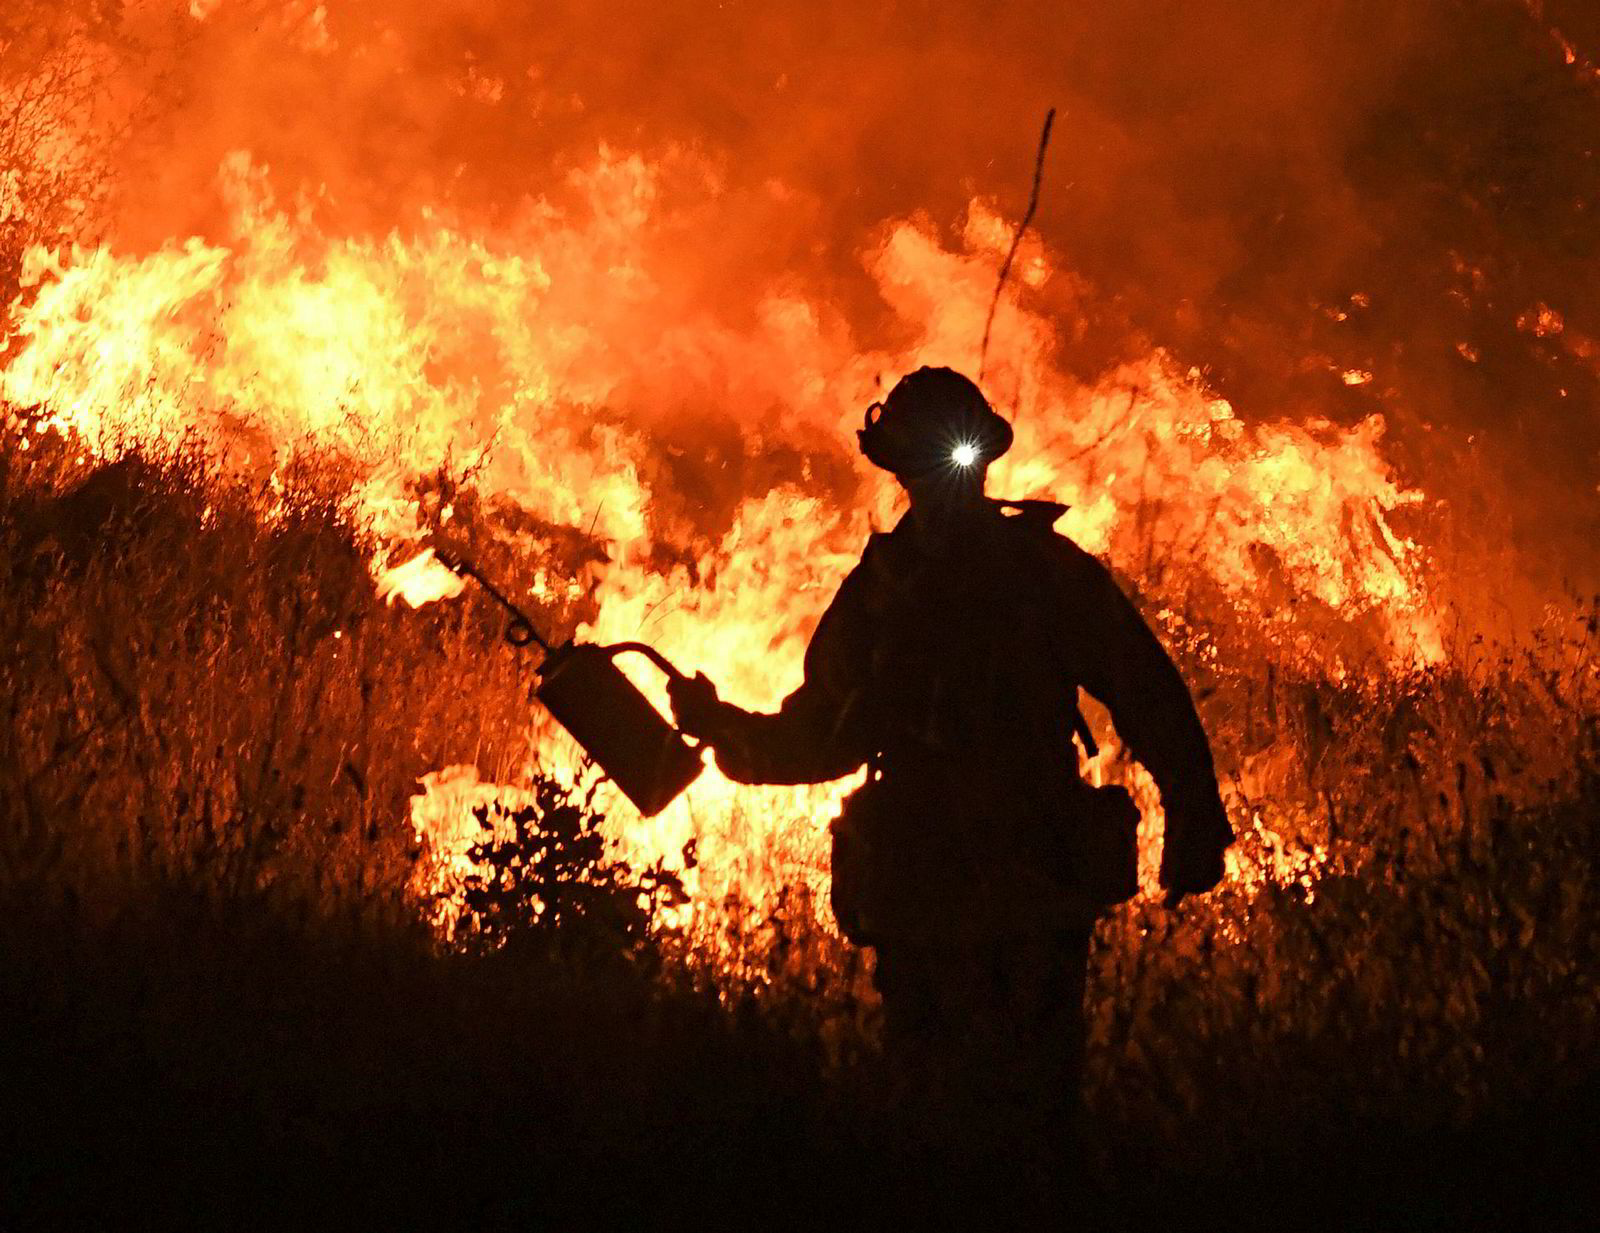 Brannmenn starter en kontrollert brann for å beskytte hus mot spredningen av Ranch-brannen. Flere politikere har gått ut og sagt mer skog bør tynnes ut brennes for å redusere brannfaren, noe som har mottatt kraftig kritikk fra miljøaktivister.